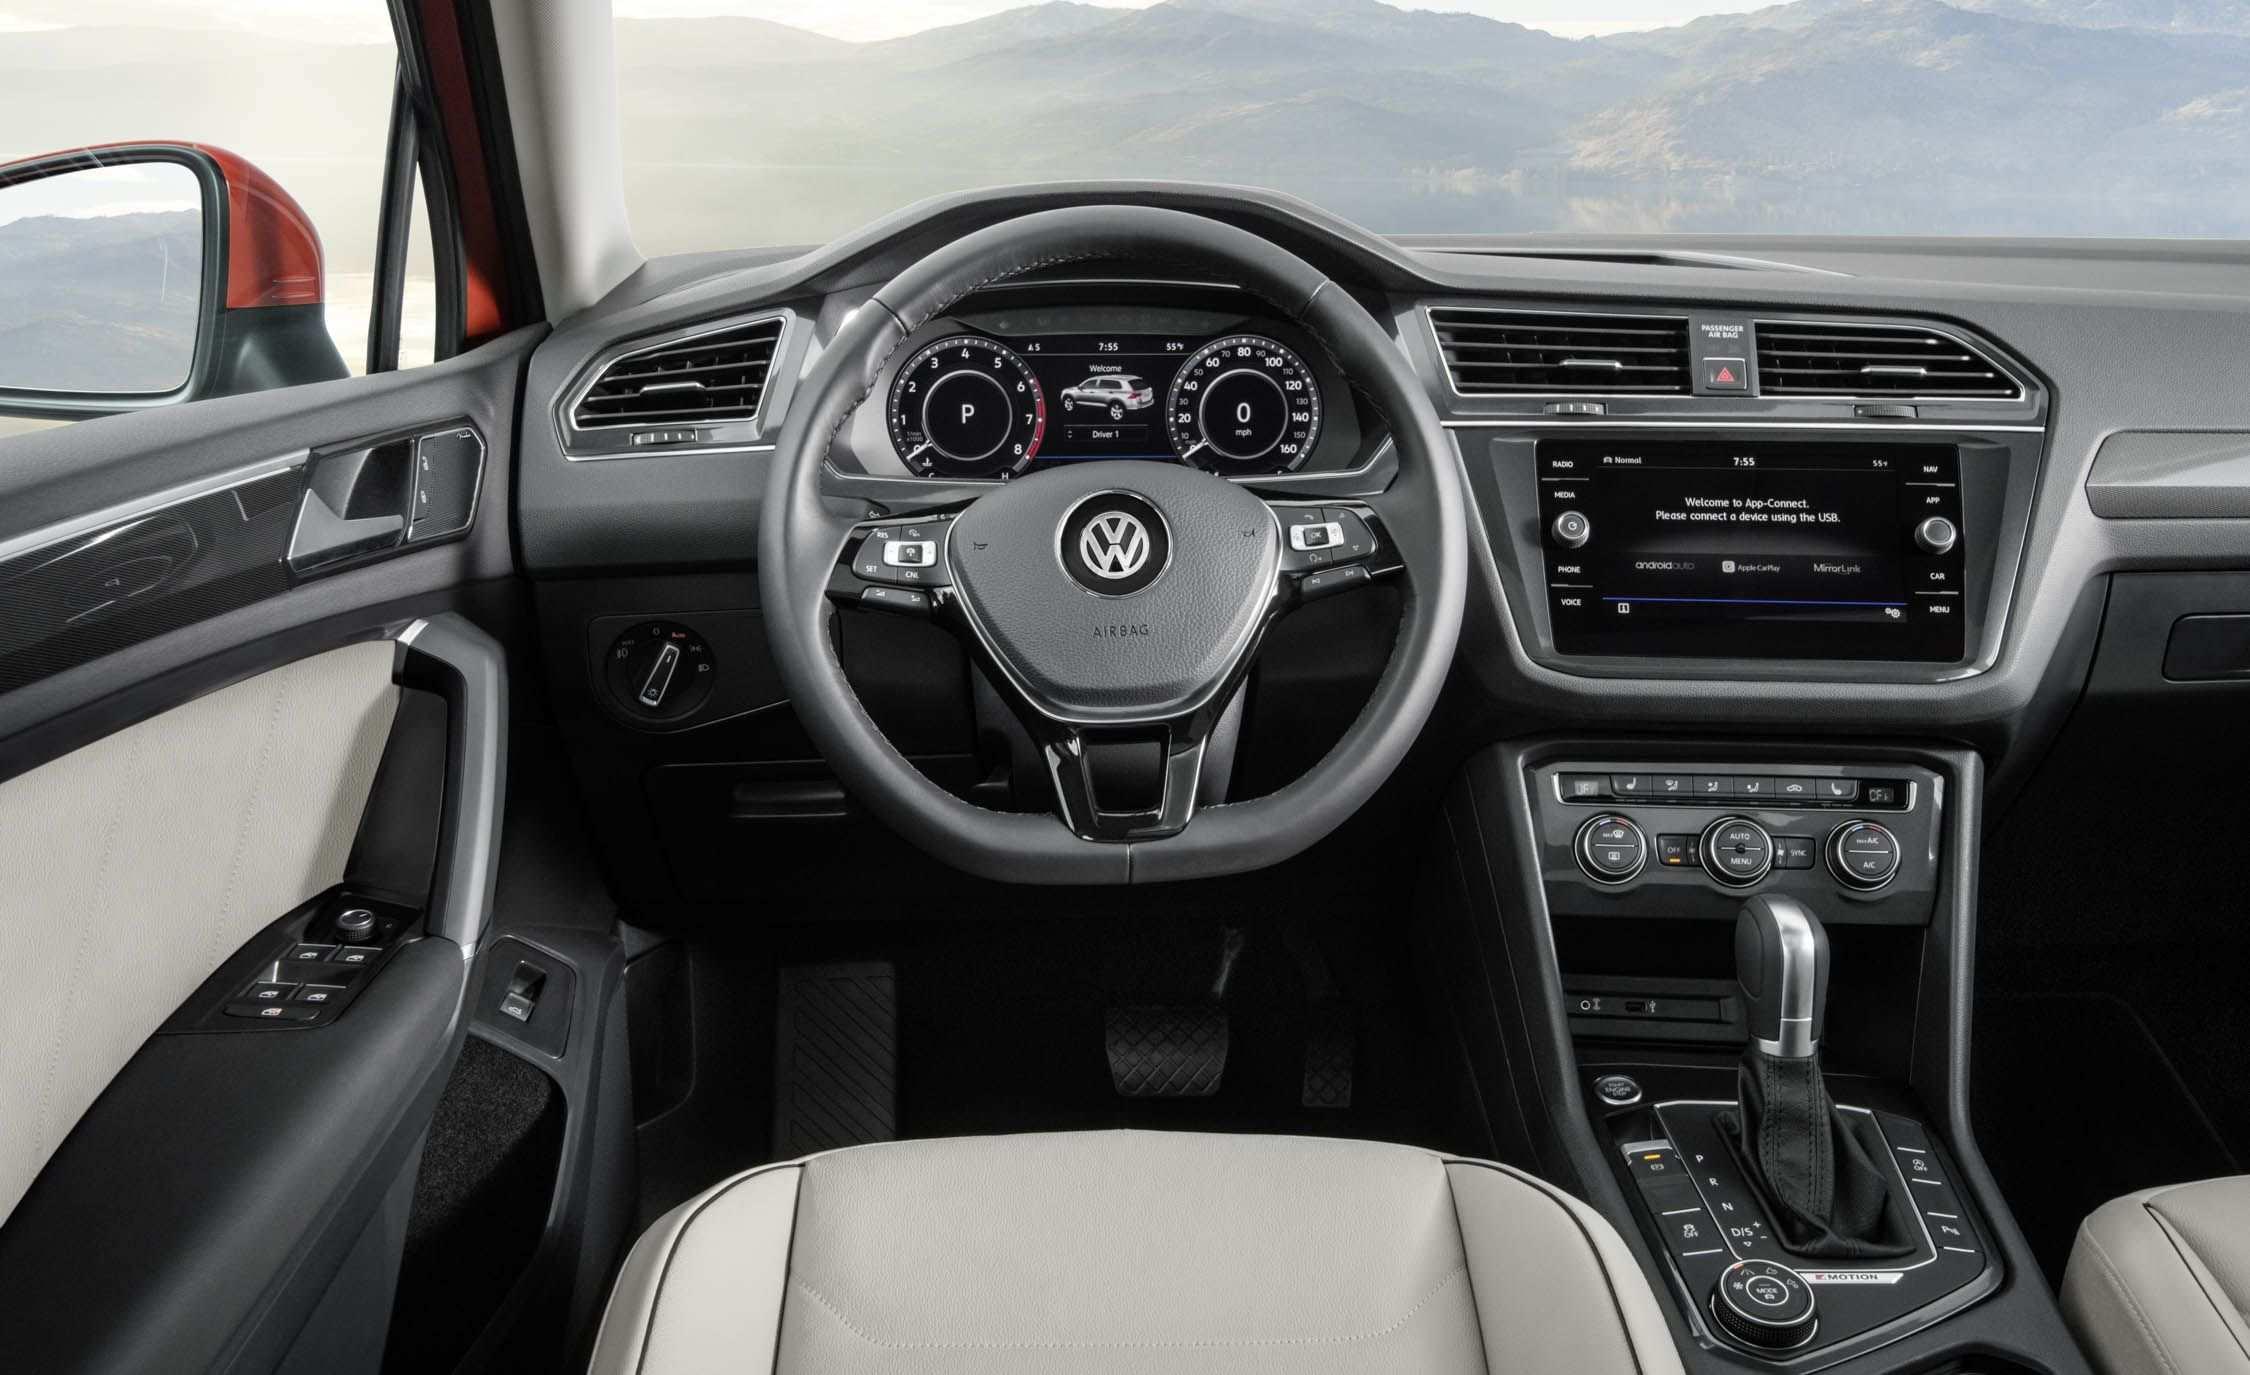 39 Best Review 2019 Volkswagen Tiguan Specs and Review for 2019 Volkswagen Tiguan